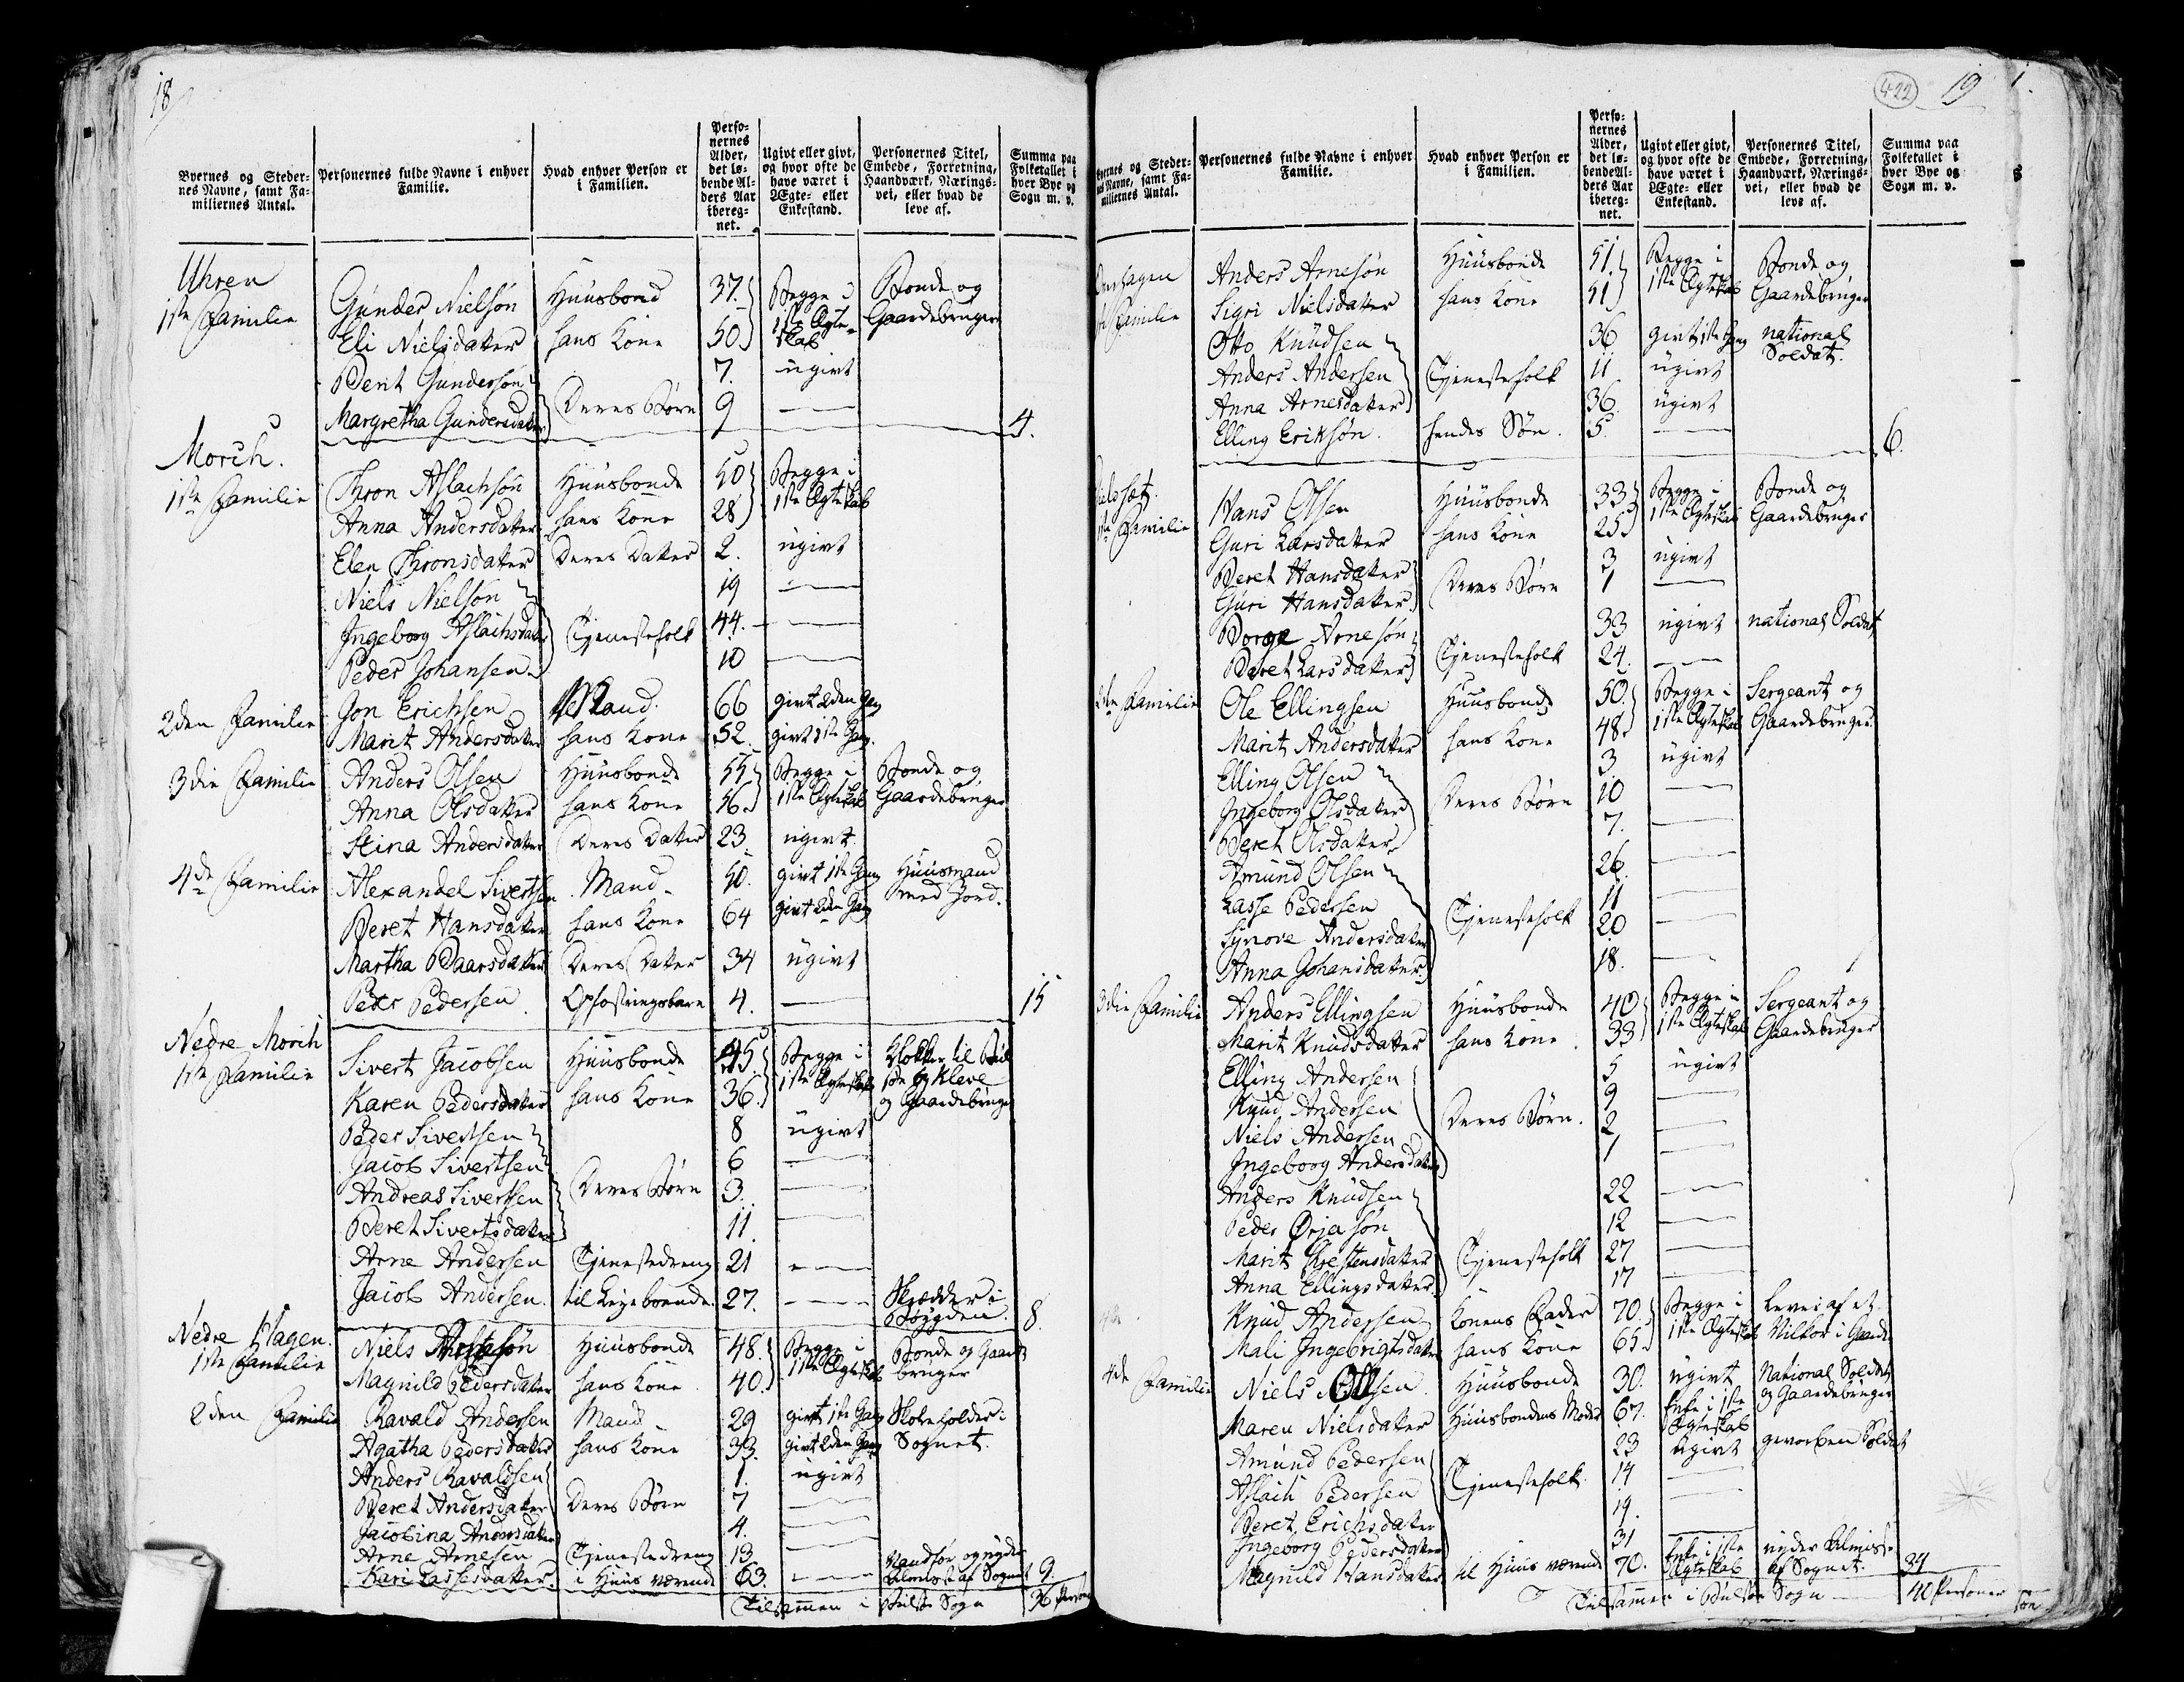 RA, Folketelling 1801 for 1544P Bolsøy prestegjeld, 1801, s. 421b-422a